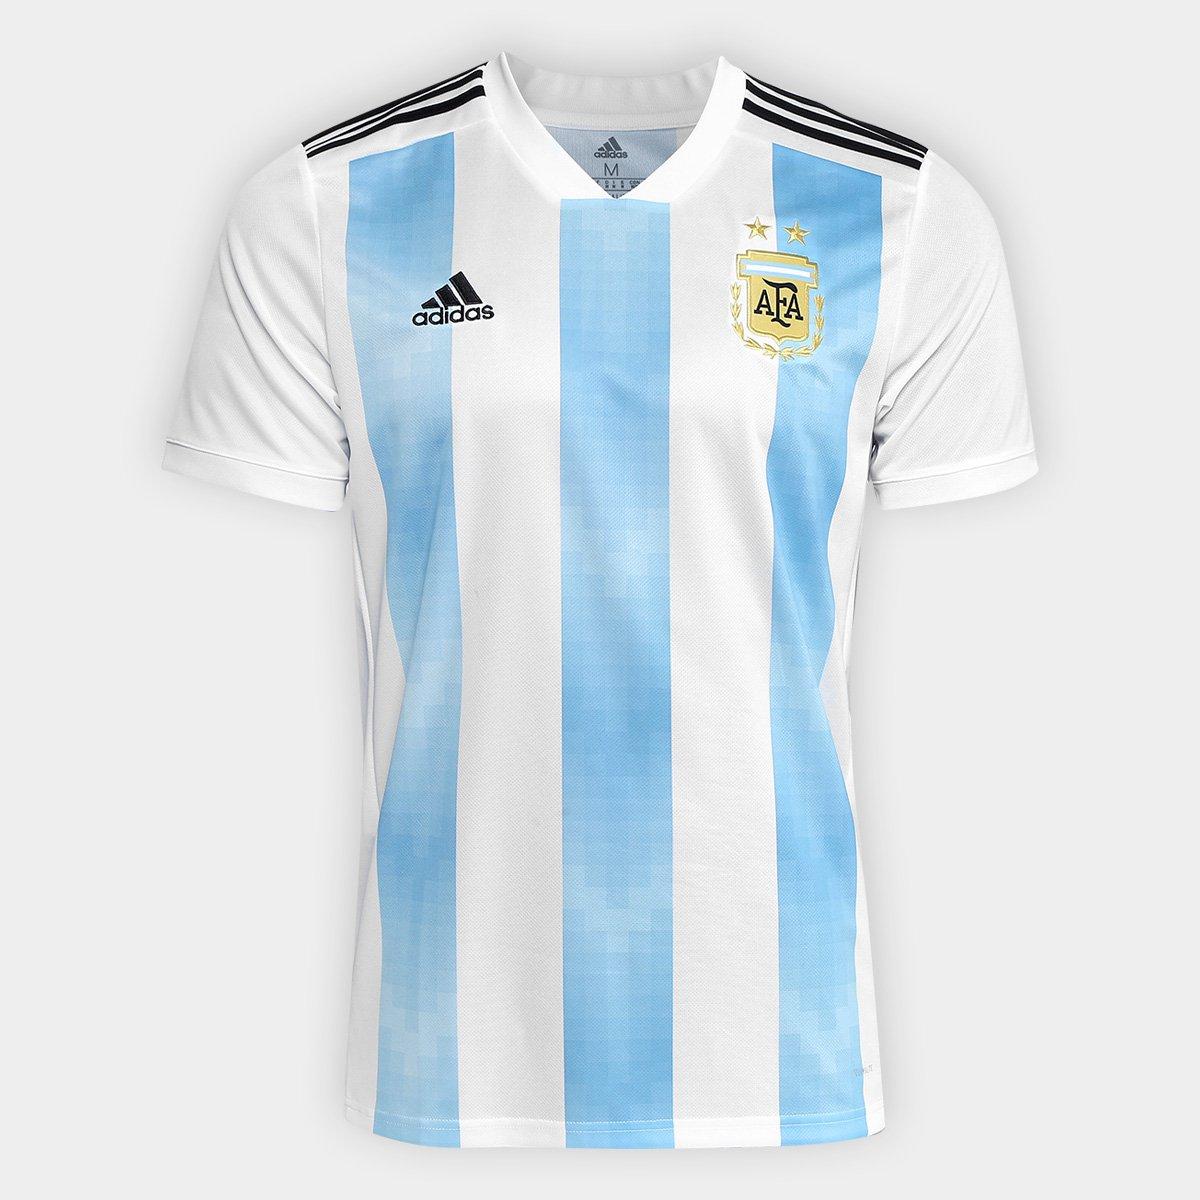 Camisa Seleção Argentina Home 2018 s n° Torcedor Adidas Masculina ... 9f92f97caf189